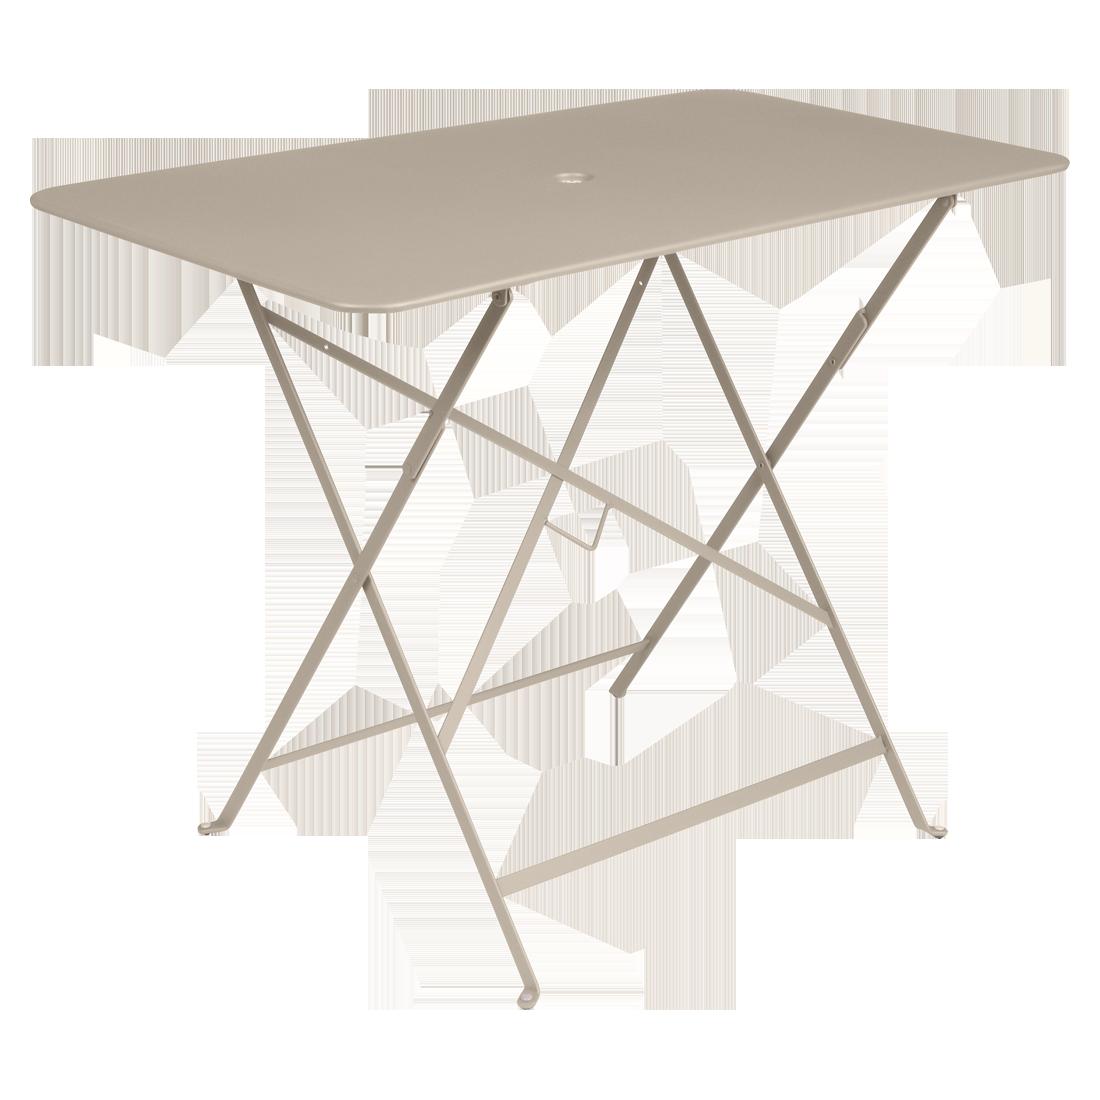 petite table metal, table de jardin fermob, table bistro, petite table pliante